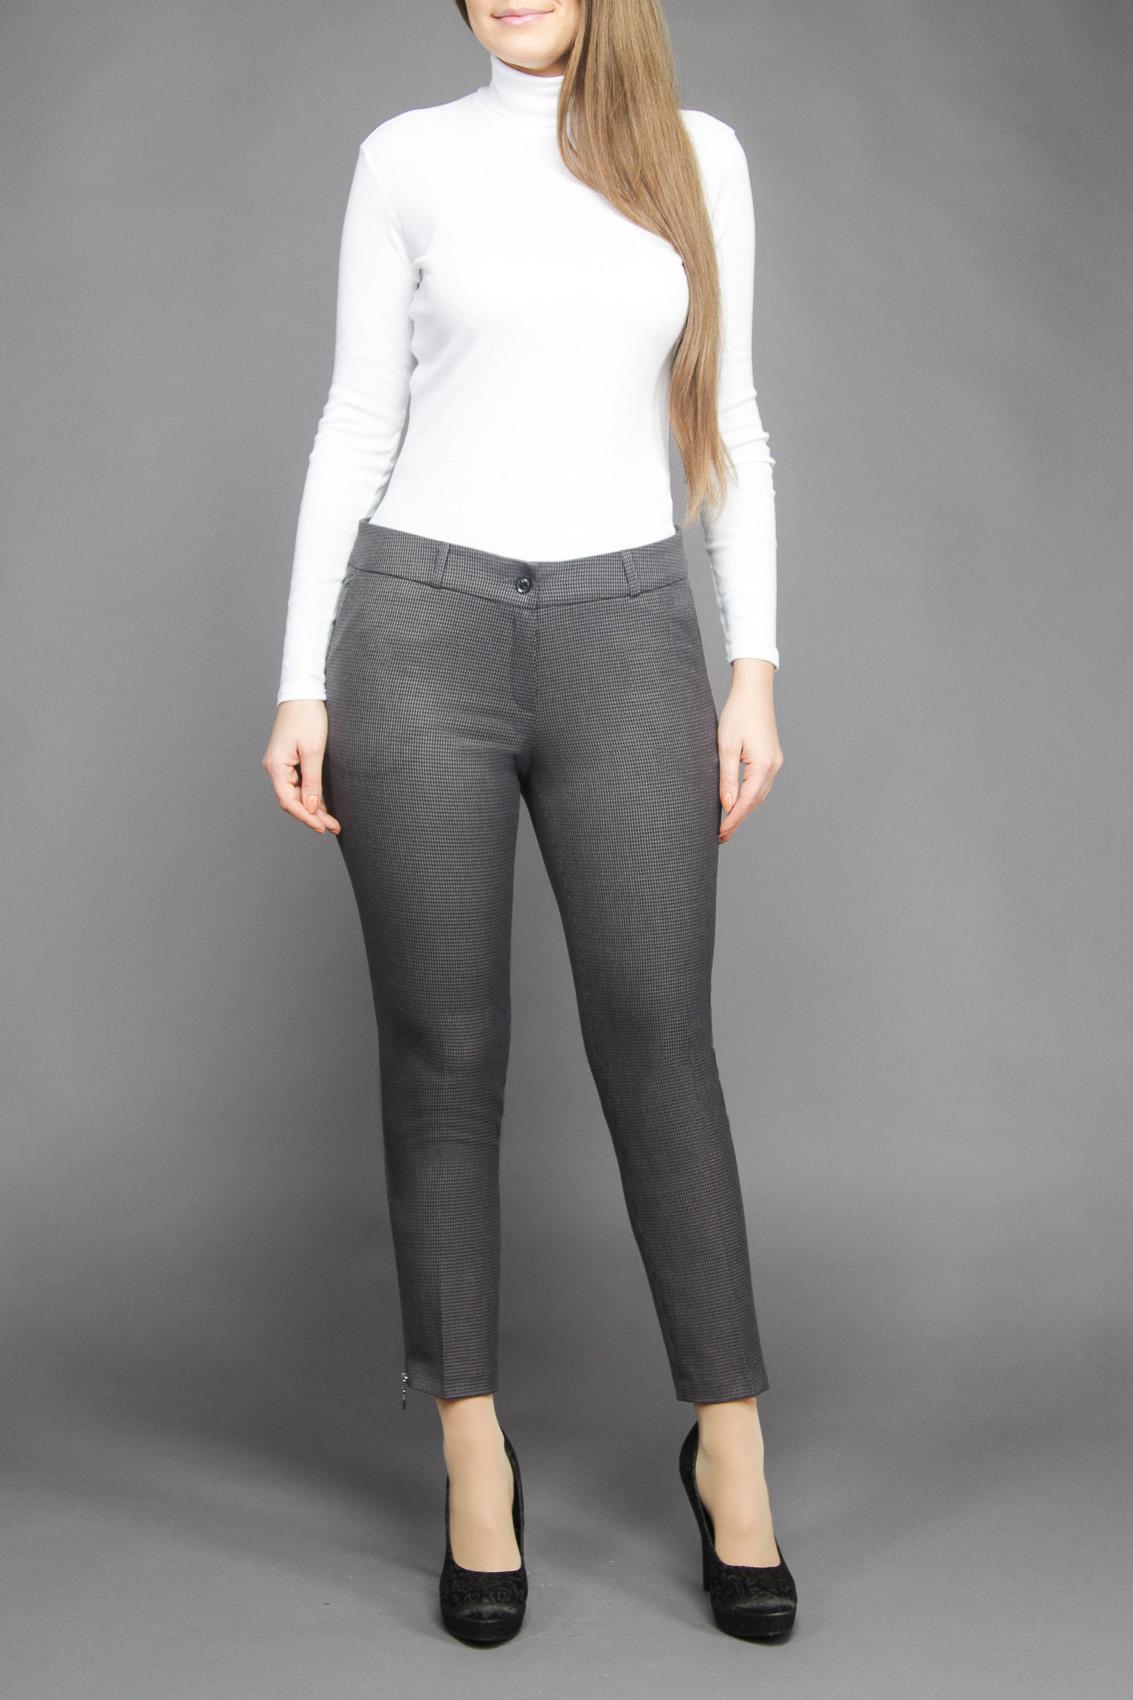 БрюкиБрюки<br>Великолепные молодежные узкие брюки ультрамодной длины 7/8. Данная модель на притачном поясе, сзади с карманами в рамку. Застежка расположена спереди на молнию и закрепляется пуговицей. Великолепная посадка позволяет точно и корректно подчеркнуть стройность фигуры на уровне талии и бедер, а точный дизайнерский расчет в расцветке ткани, расположенные по низу брюк сбоку металлические молнии, все это оставит незабываемое впечатление у молодых женщинЦвет: серыйРостовка изделия 170 см.<br><br>Длина: Укороченные<br>Материал: Тканевые<br>Рисунок: Однотонные<br>Сезон: Весна,Осень,Зима<br>Силуэт: Полуприталенные<br>Стиль: Классический стиль,Офисный стиль,Повседневный стиль<br>Форма: Классические<br>Размер : 44,50<br>Материал: Костюмная ткань<br>Количество в наличии: 3